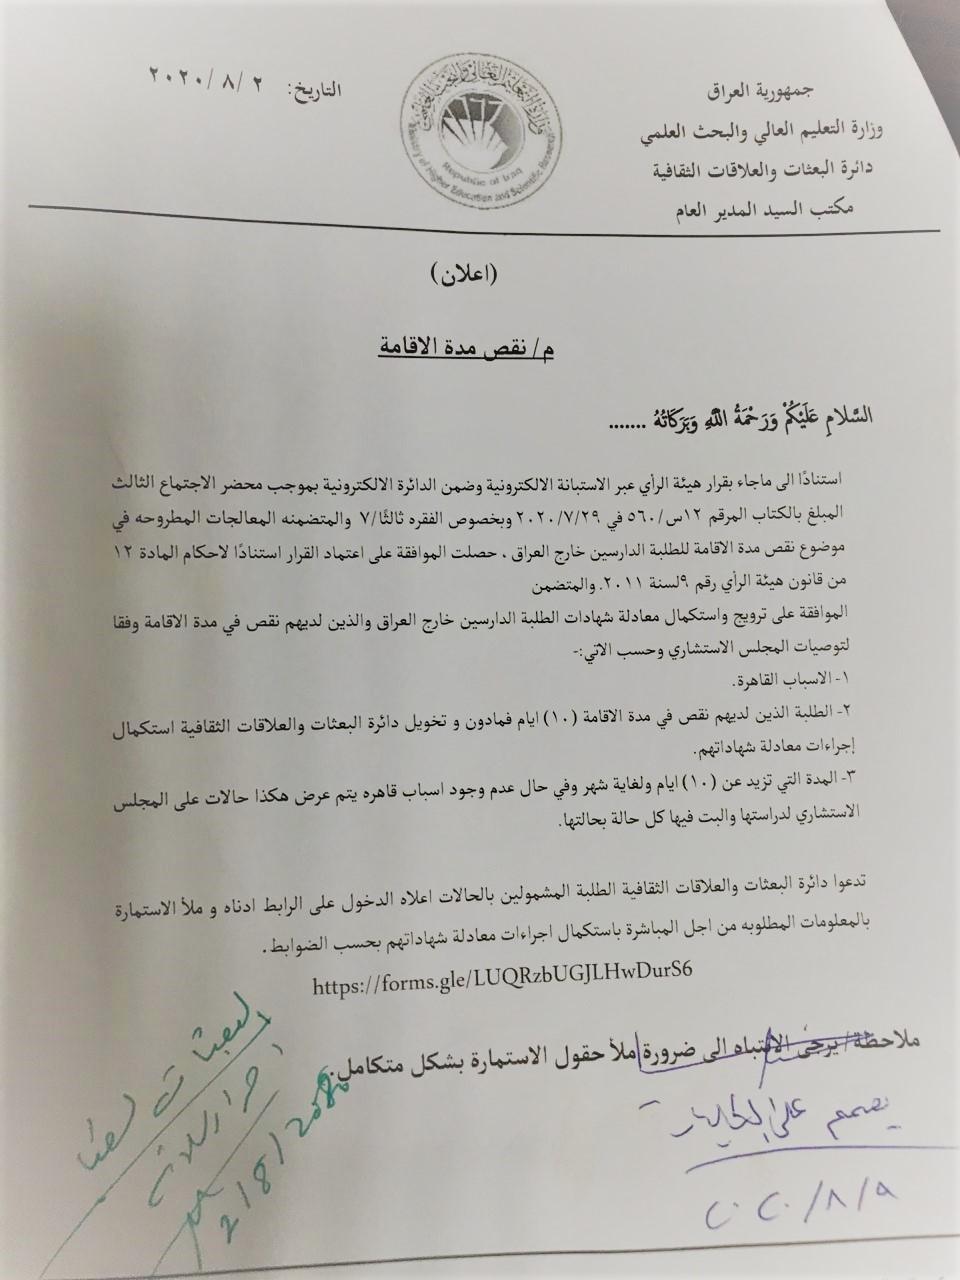 اعلان للطلبة الدارسين خارج العراق